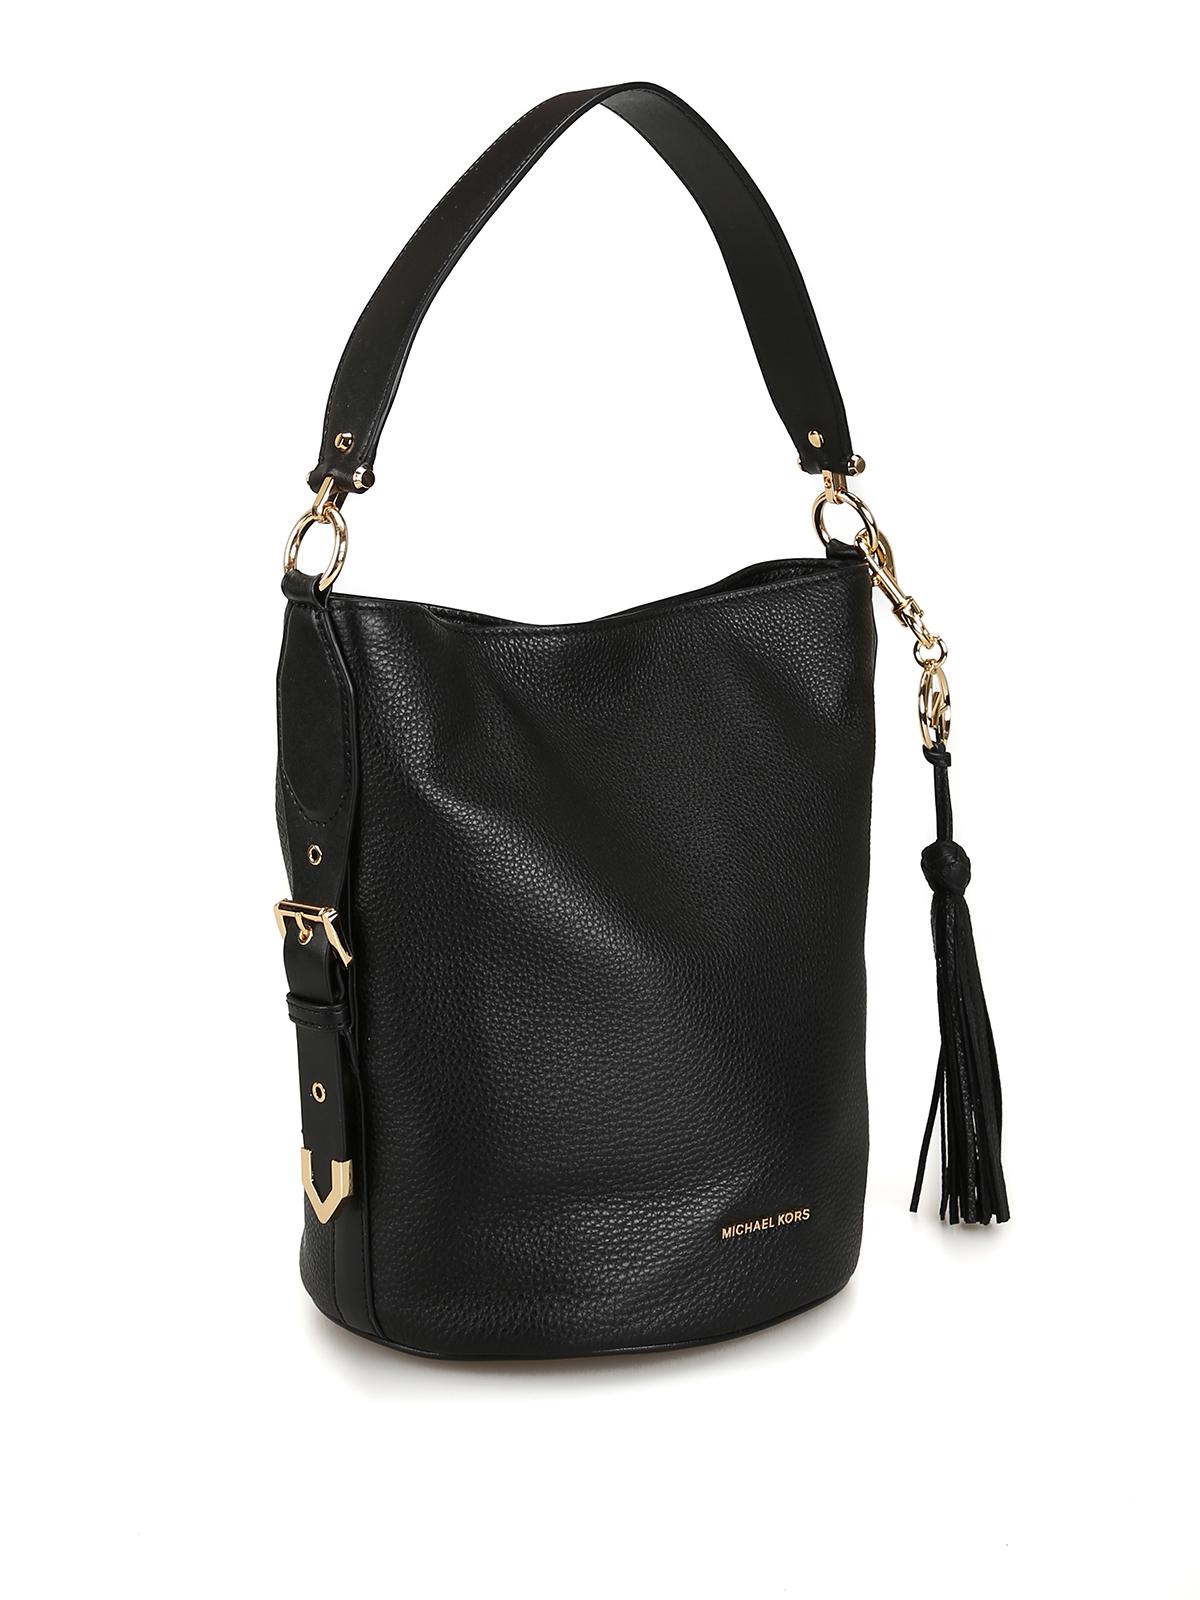 Michael Kors Bucket Bag Schwarz Bucket bags